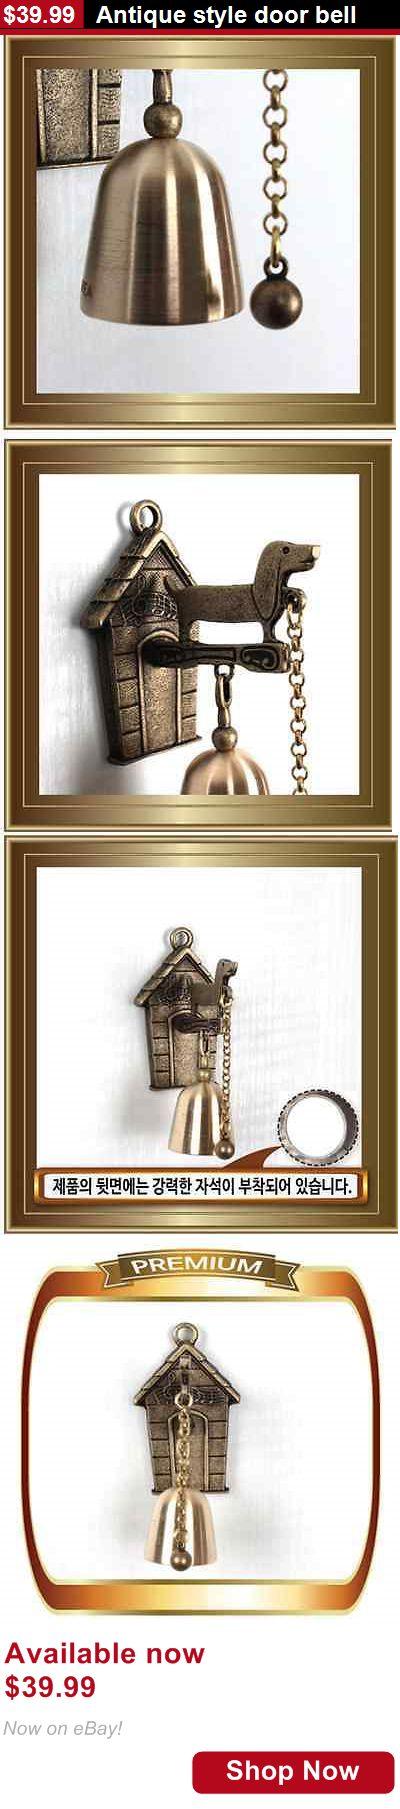 Door Bells and Knockers: Antique Style Door Bell BUY IT NOW ONLY: $39.99